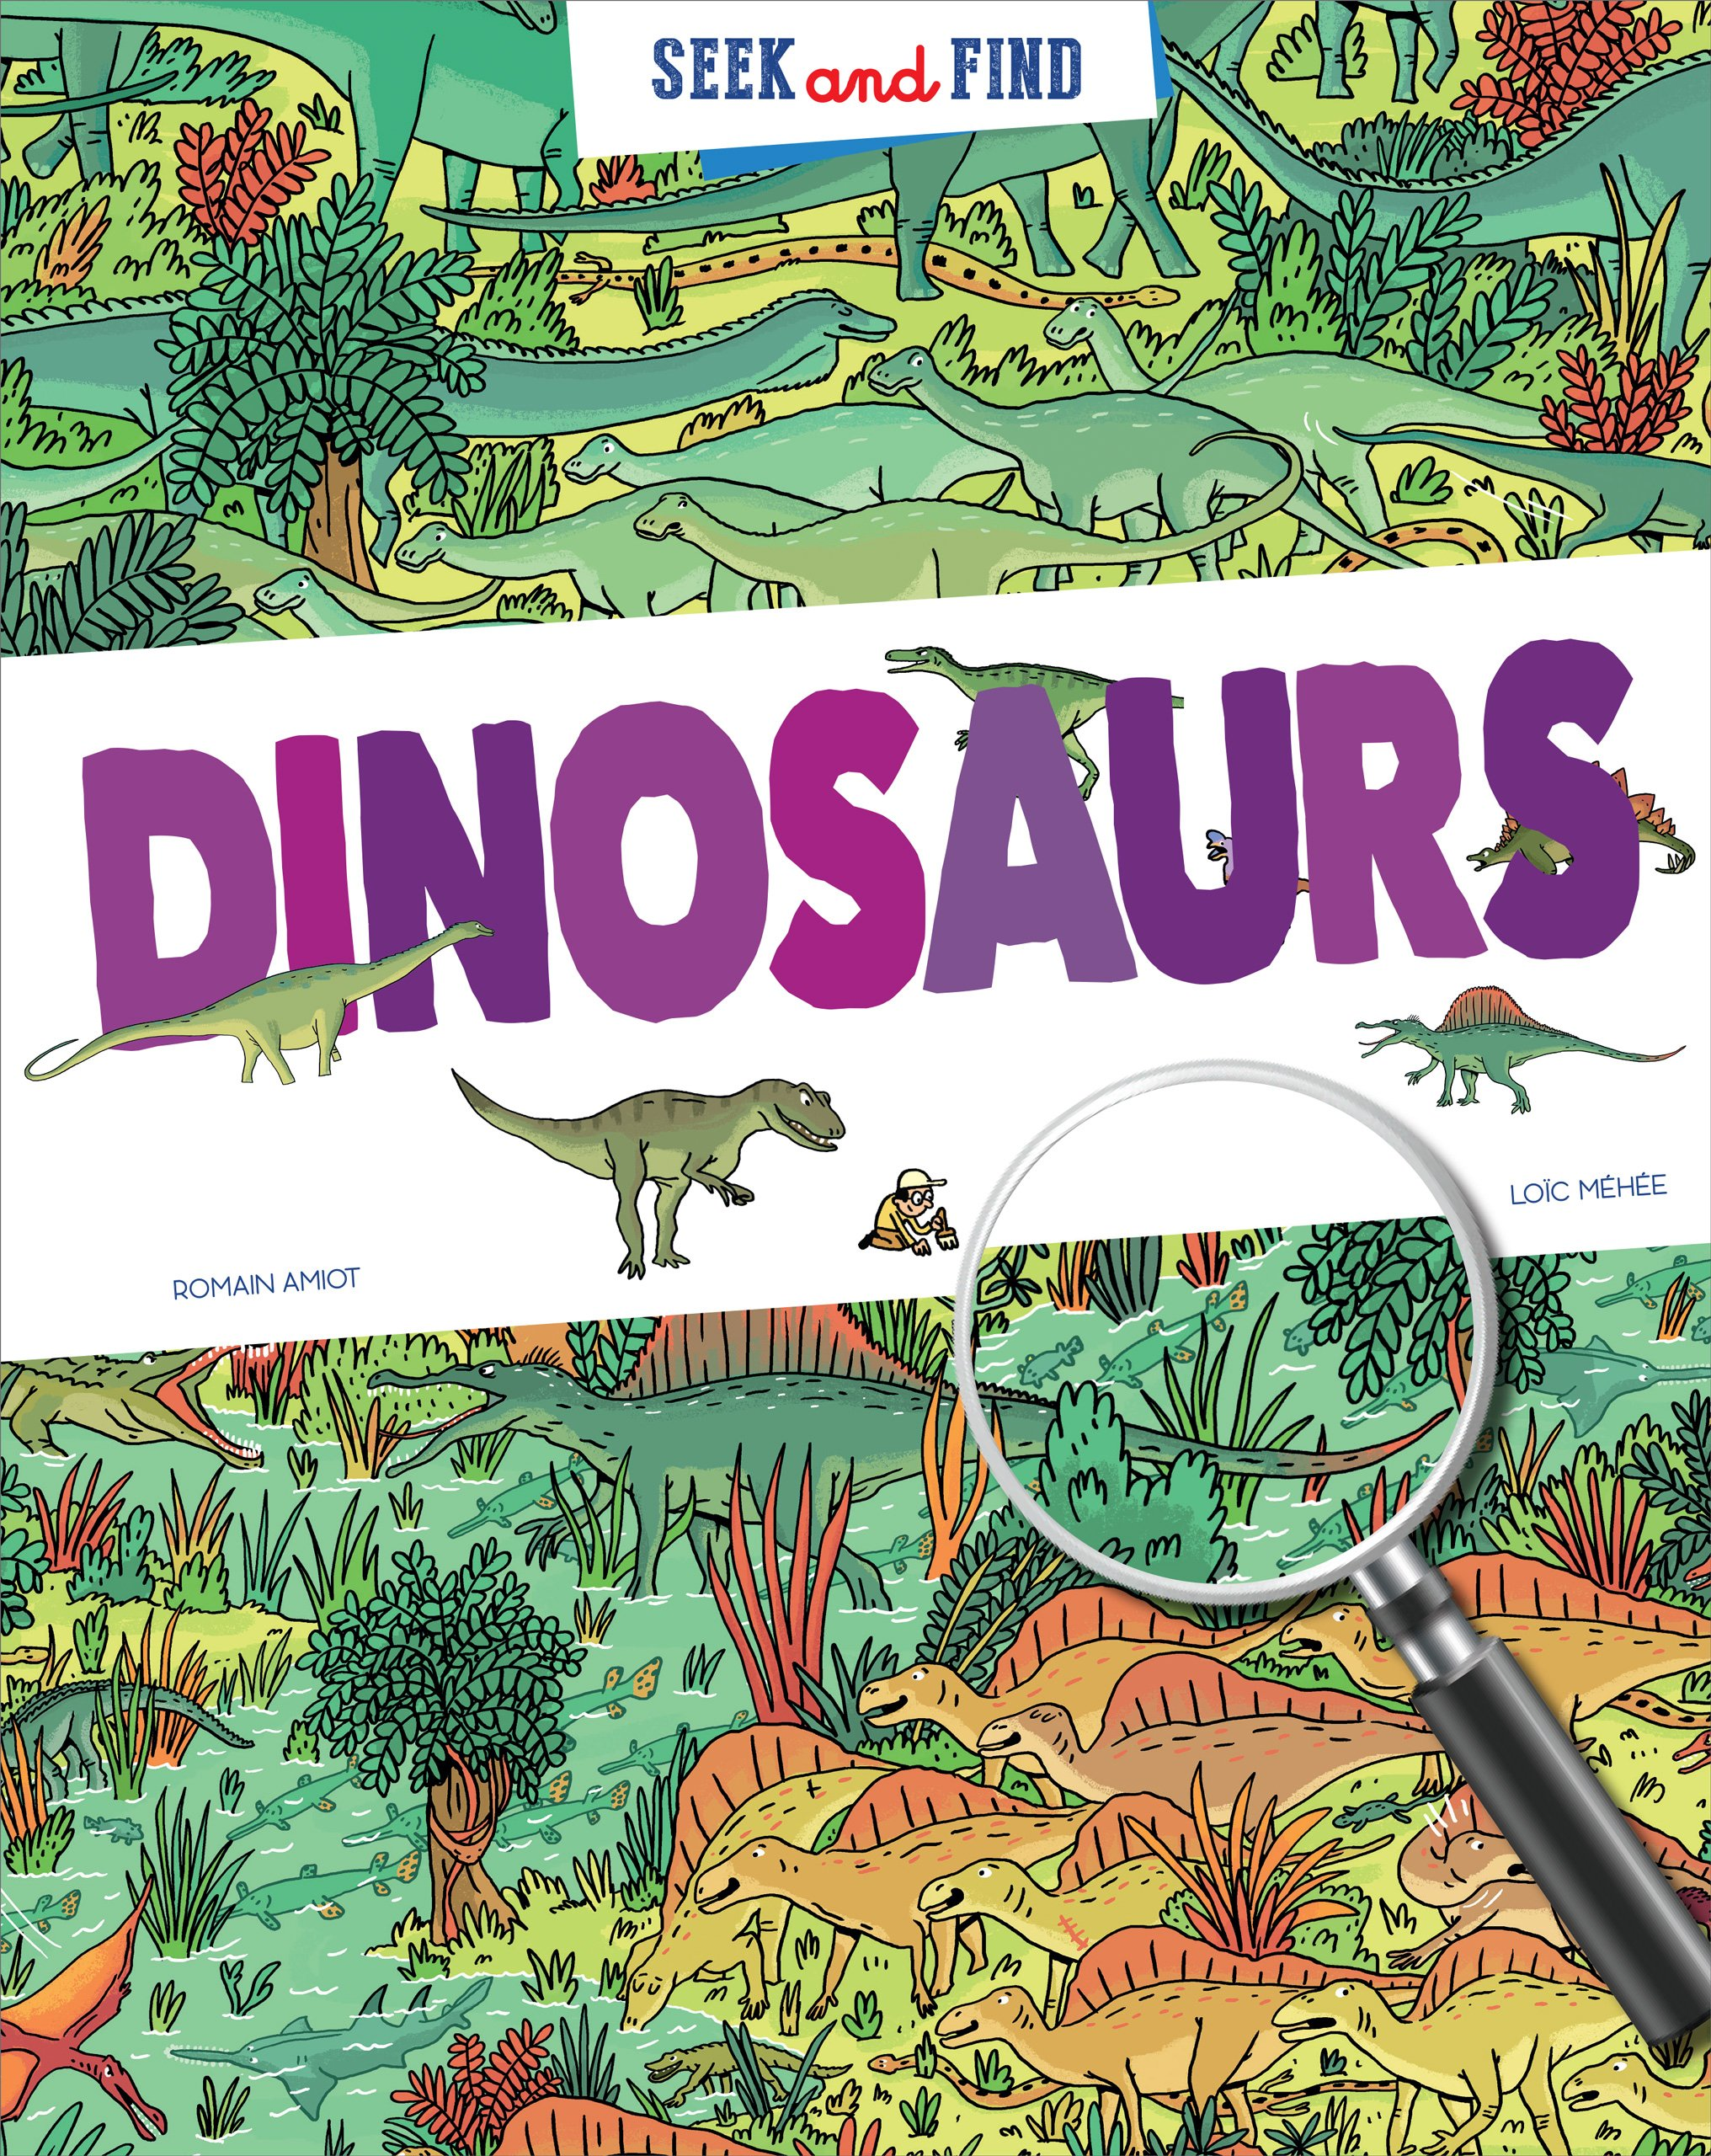 Seek & Find - Dinosaurs (Seek and Find)